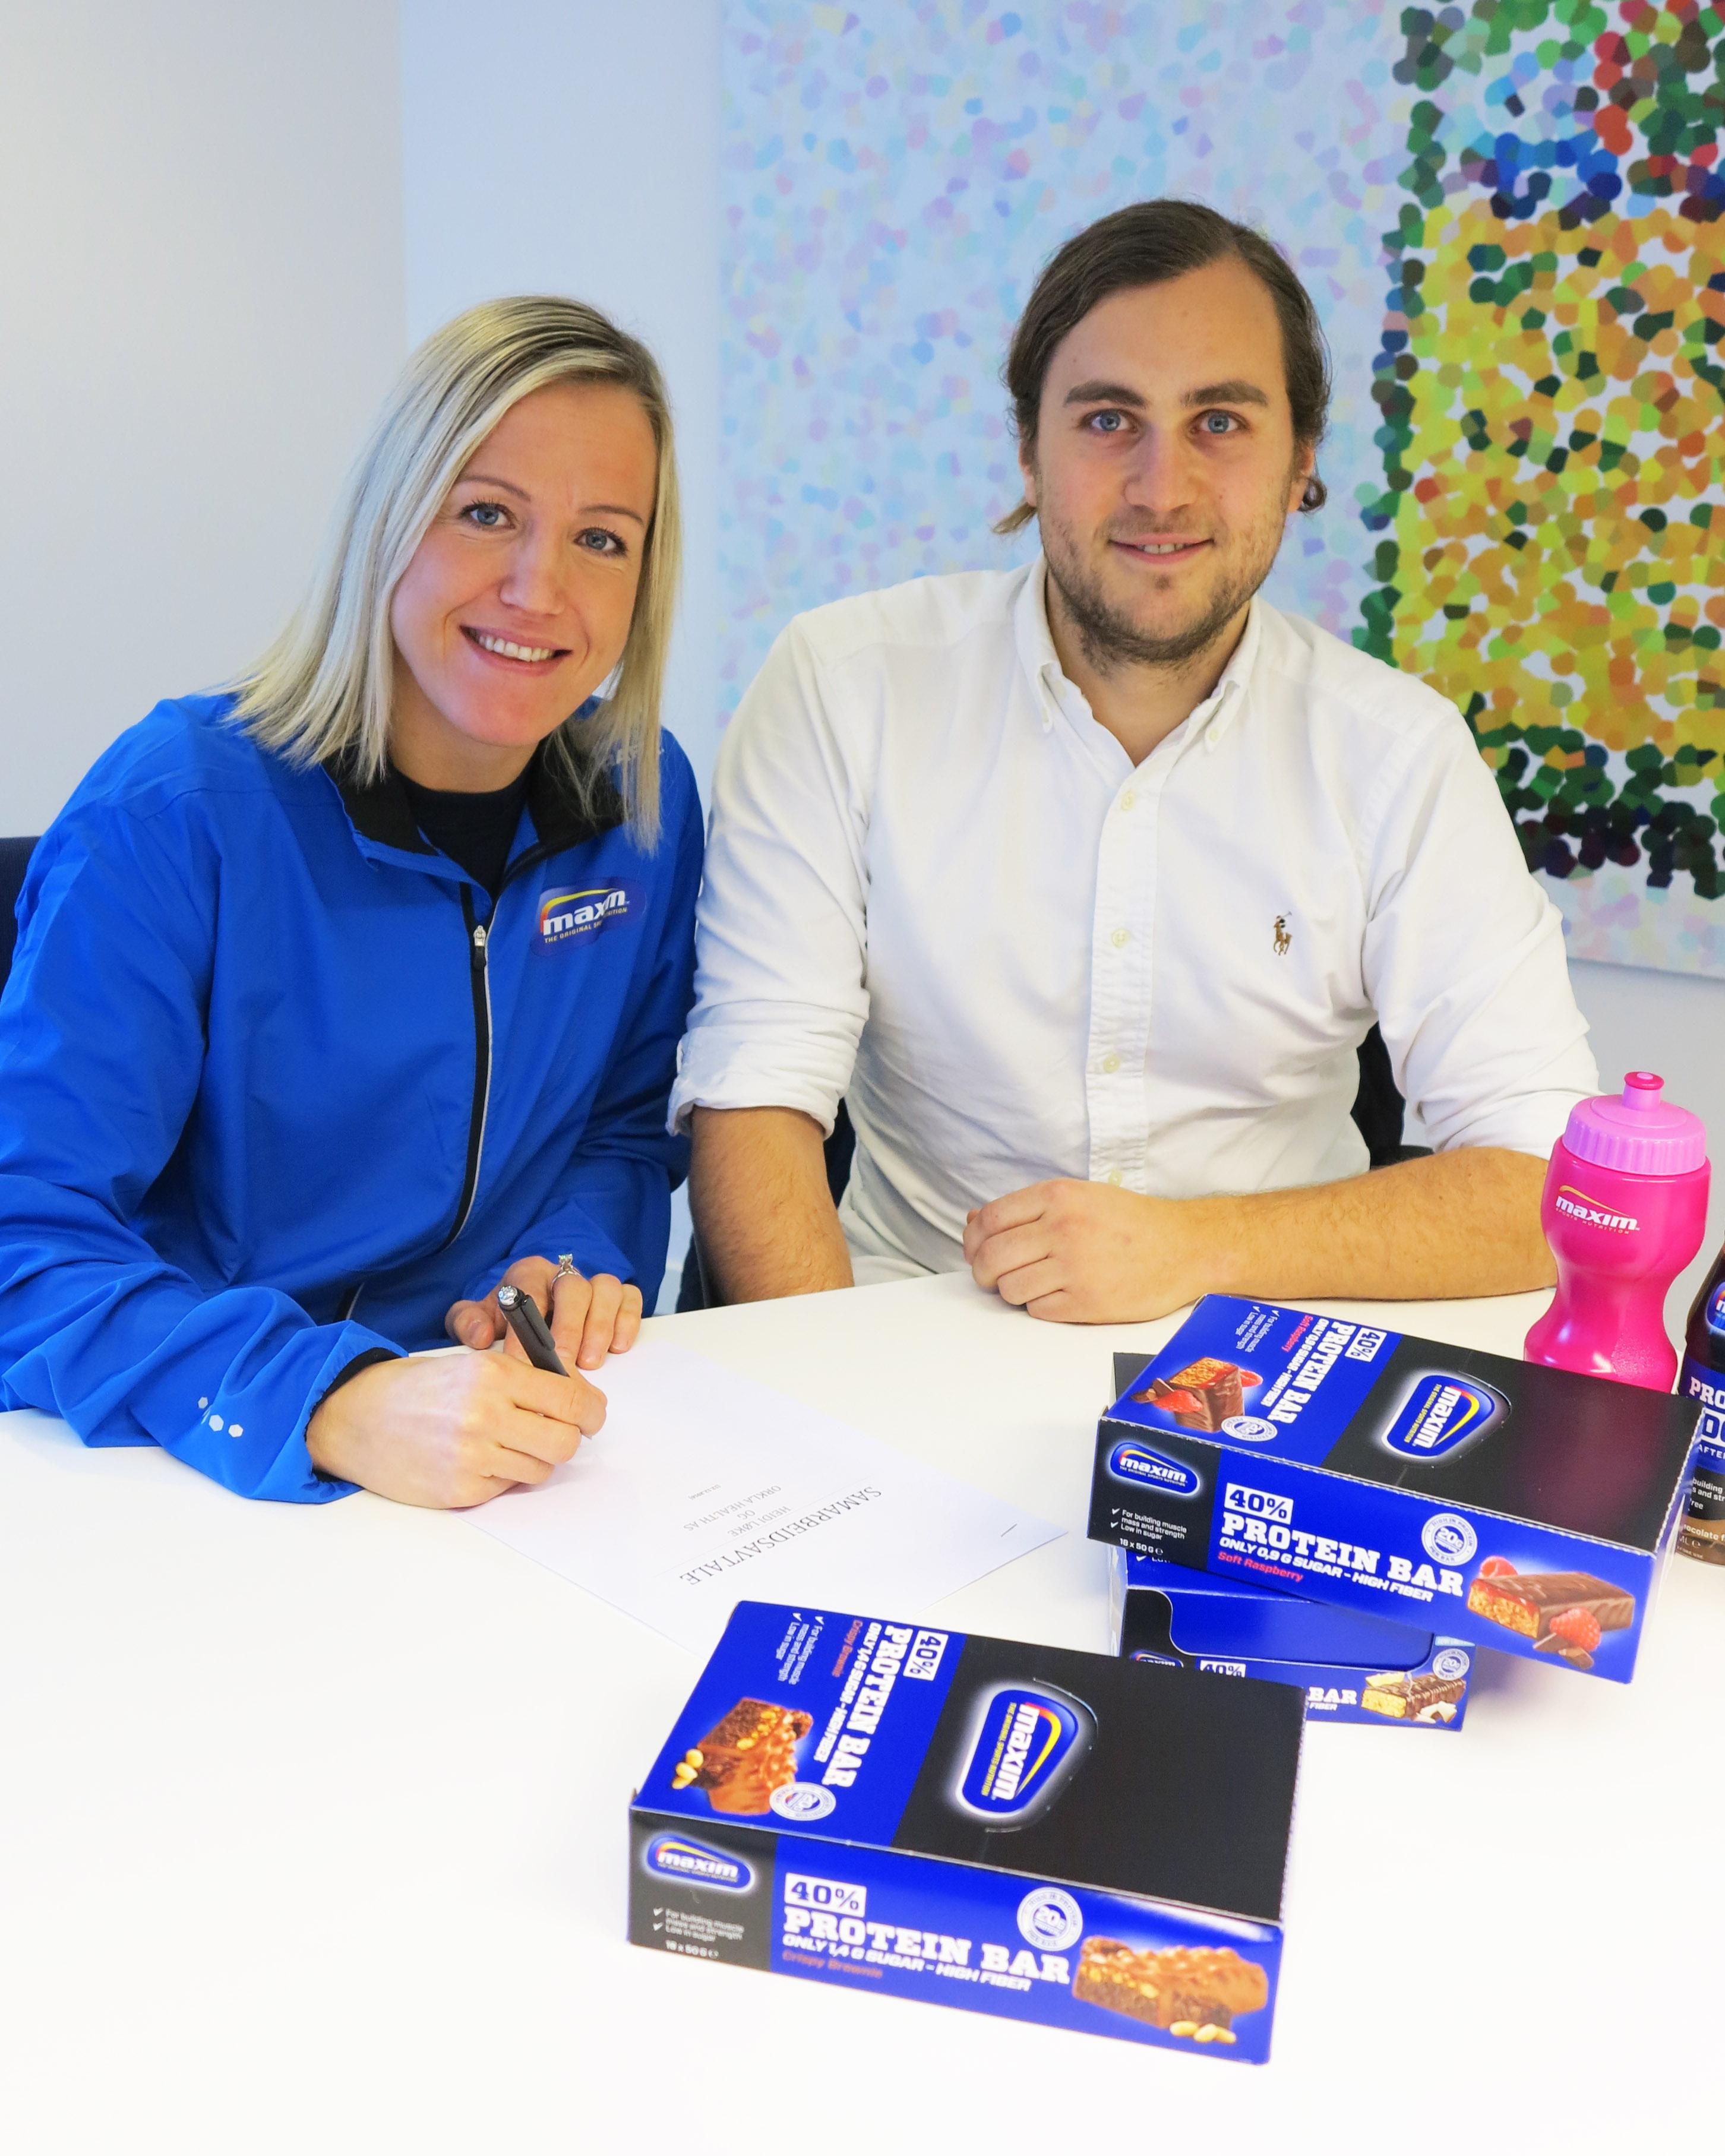 AMBASSADØR: Heidi Løke og Jørgen Krogh Ankerstad i Maxim fortsetter samarbeidet utenfor håndballbanen.